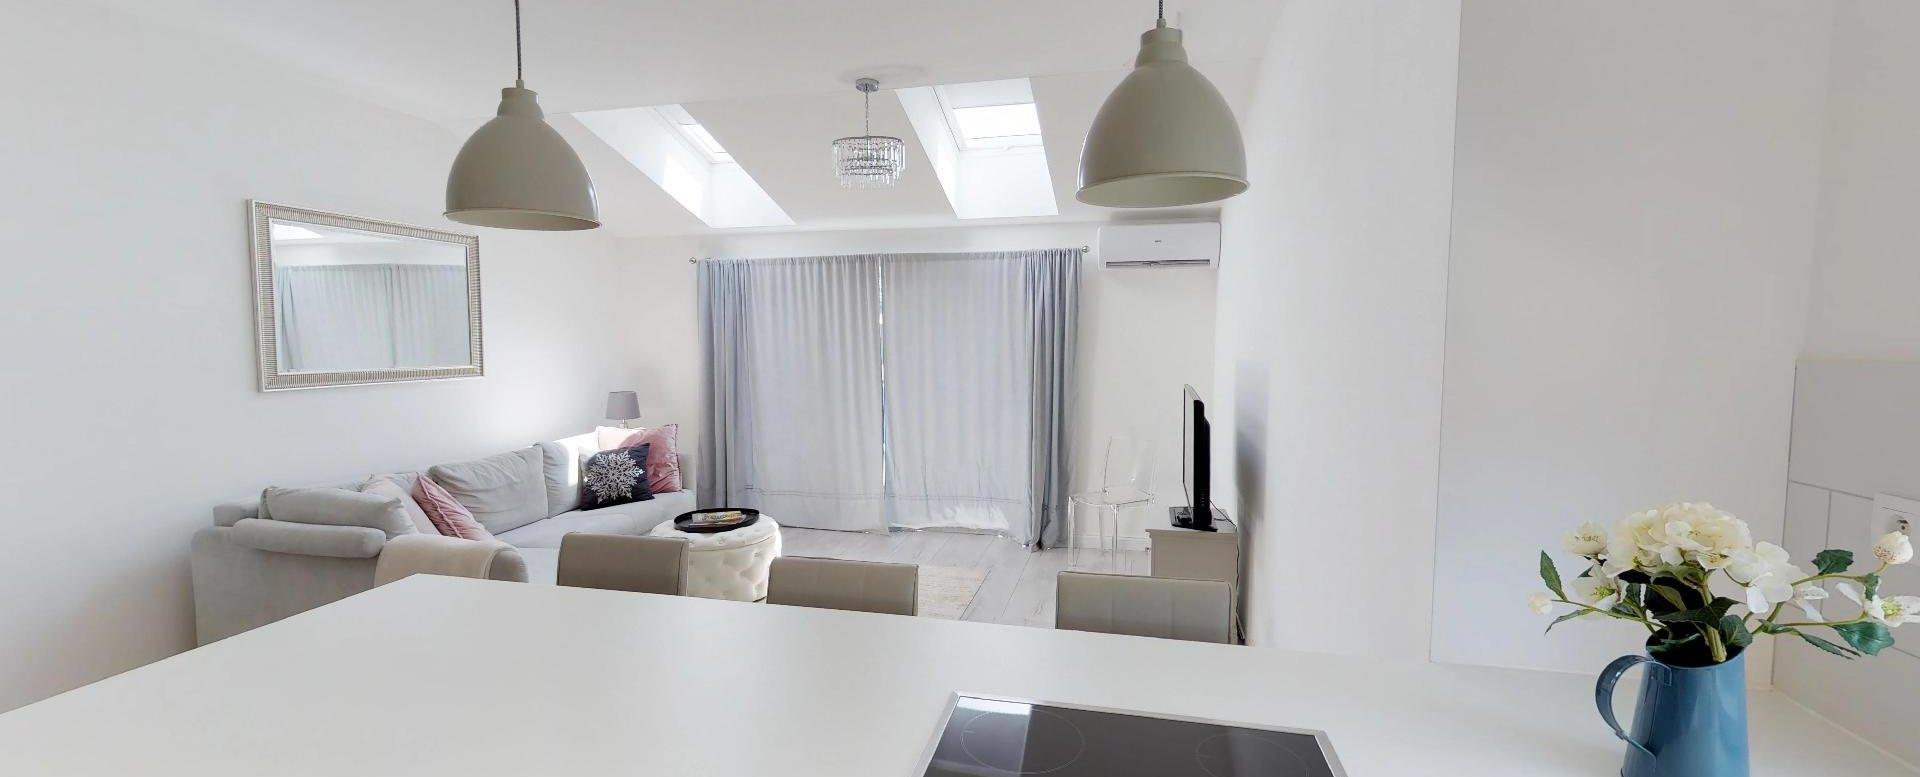 pohľad z kuchyne do obývacej izby